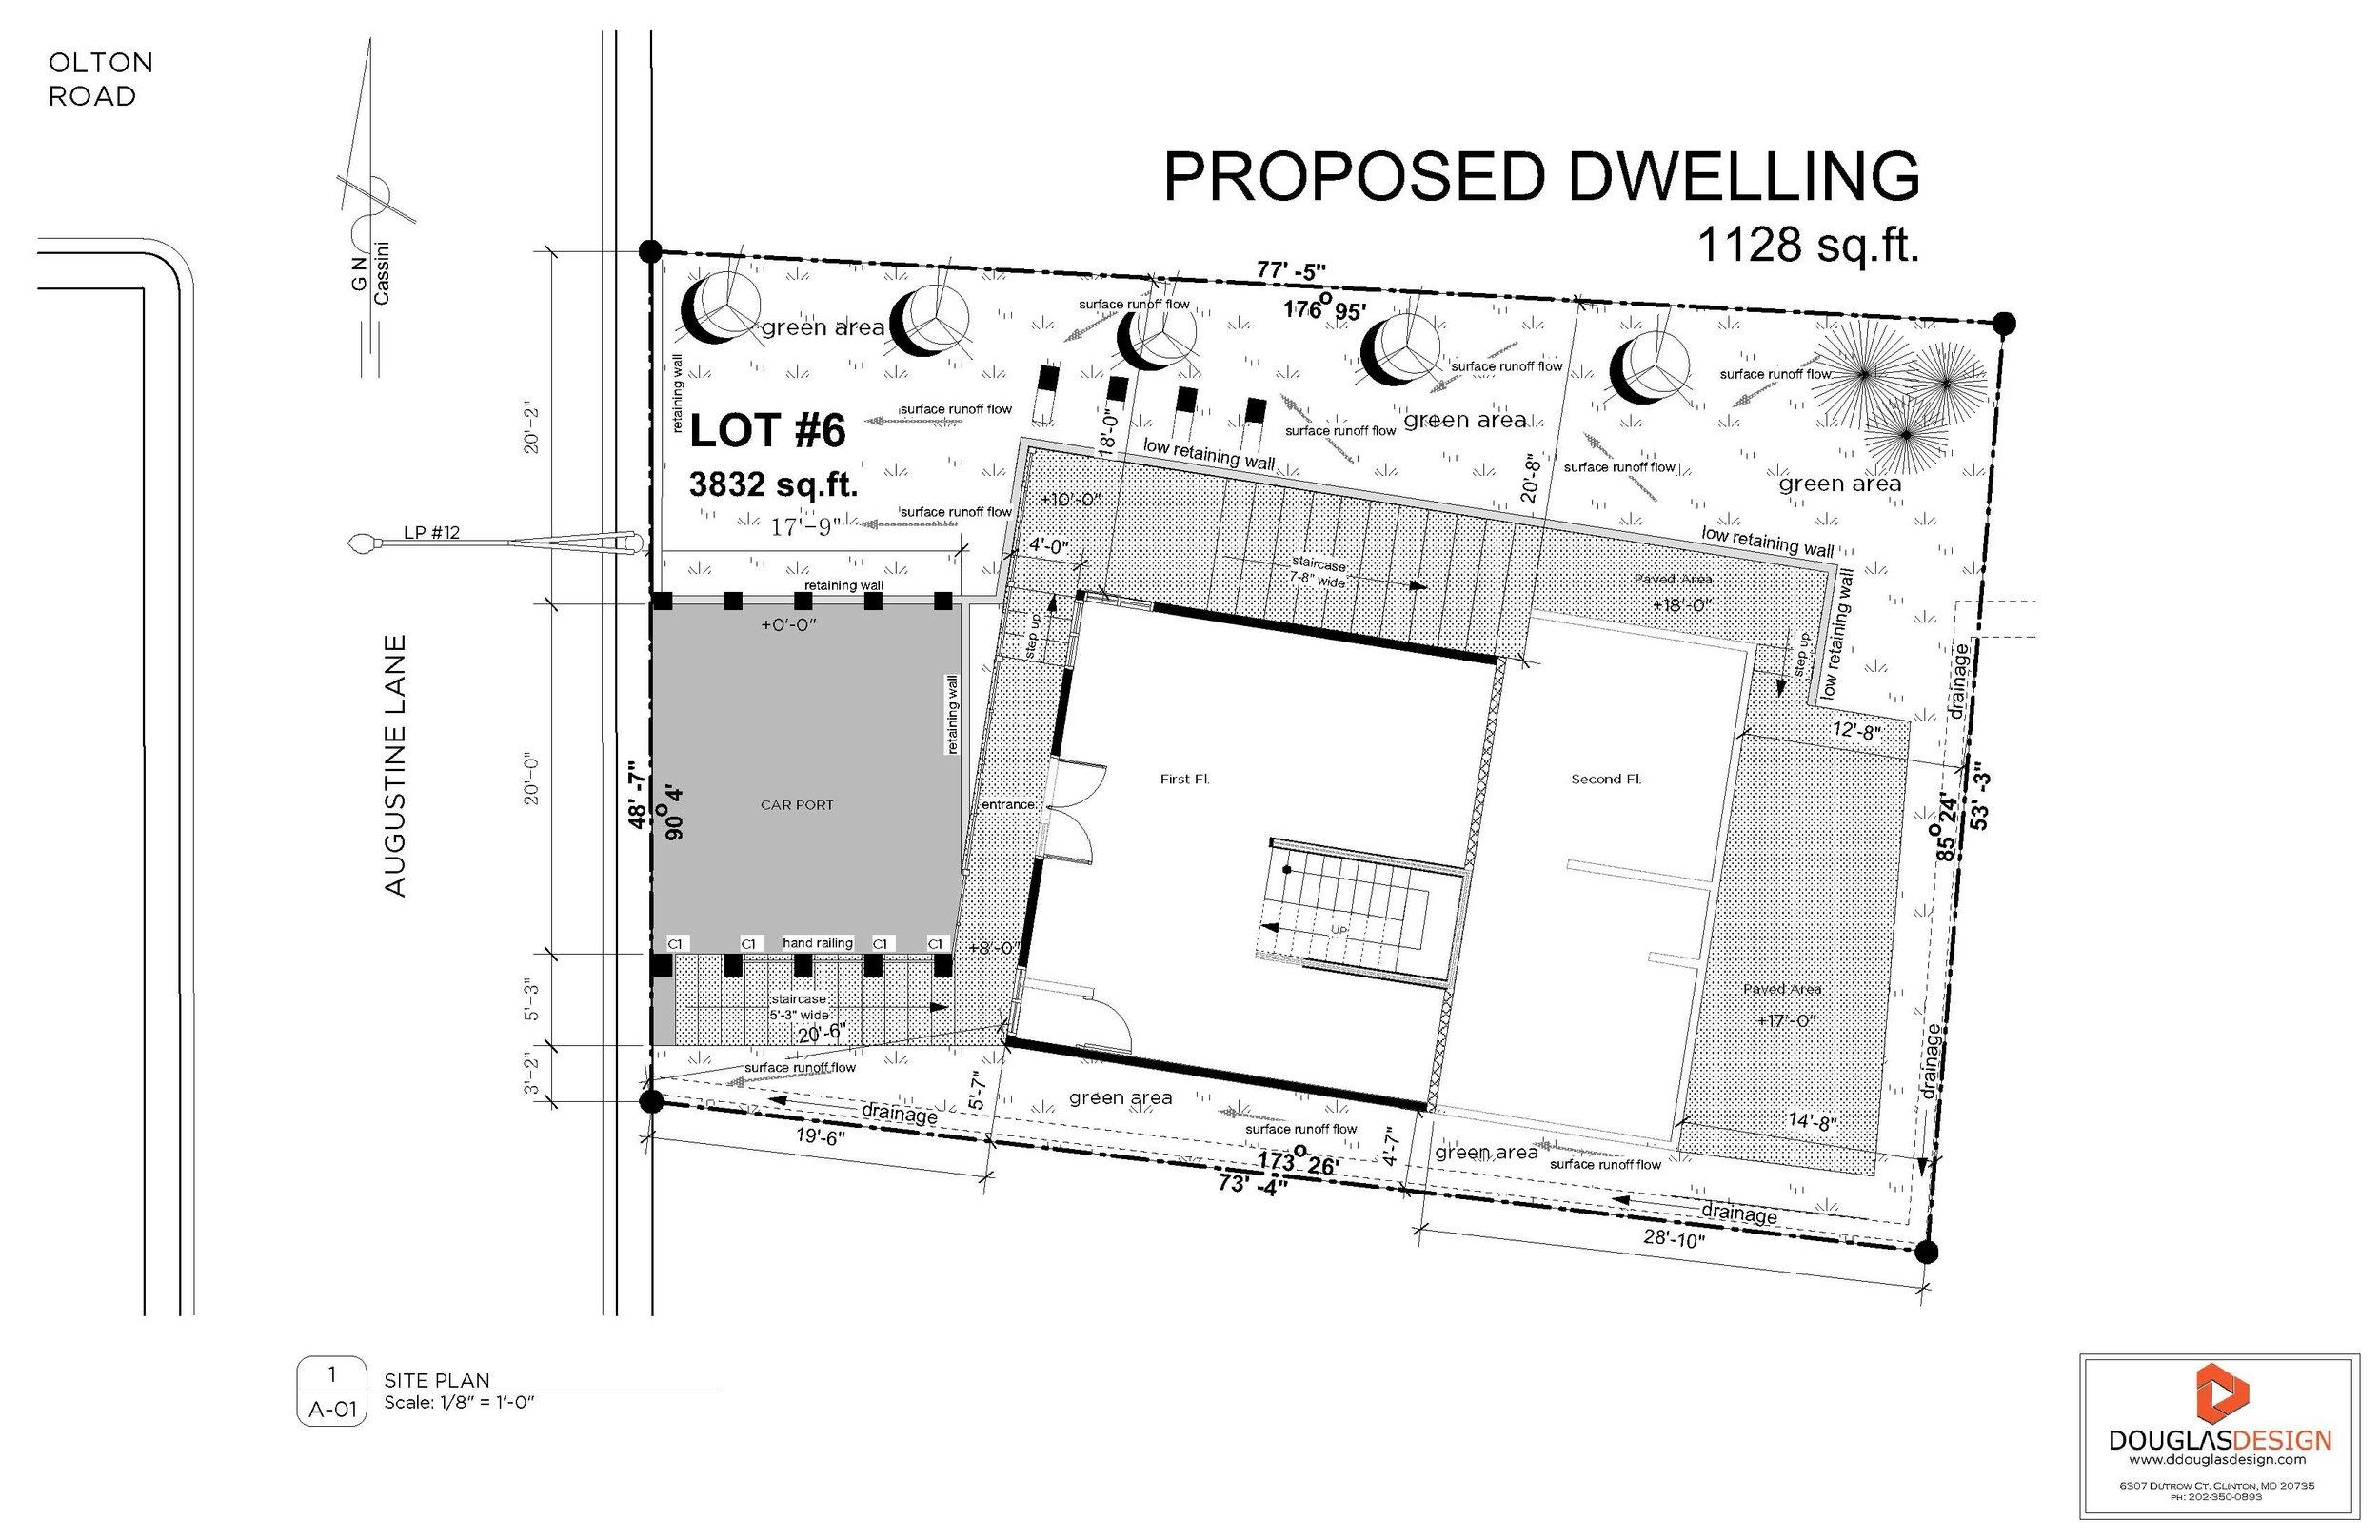 Gittens Site plan.jpg